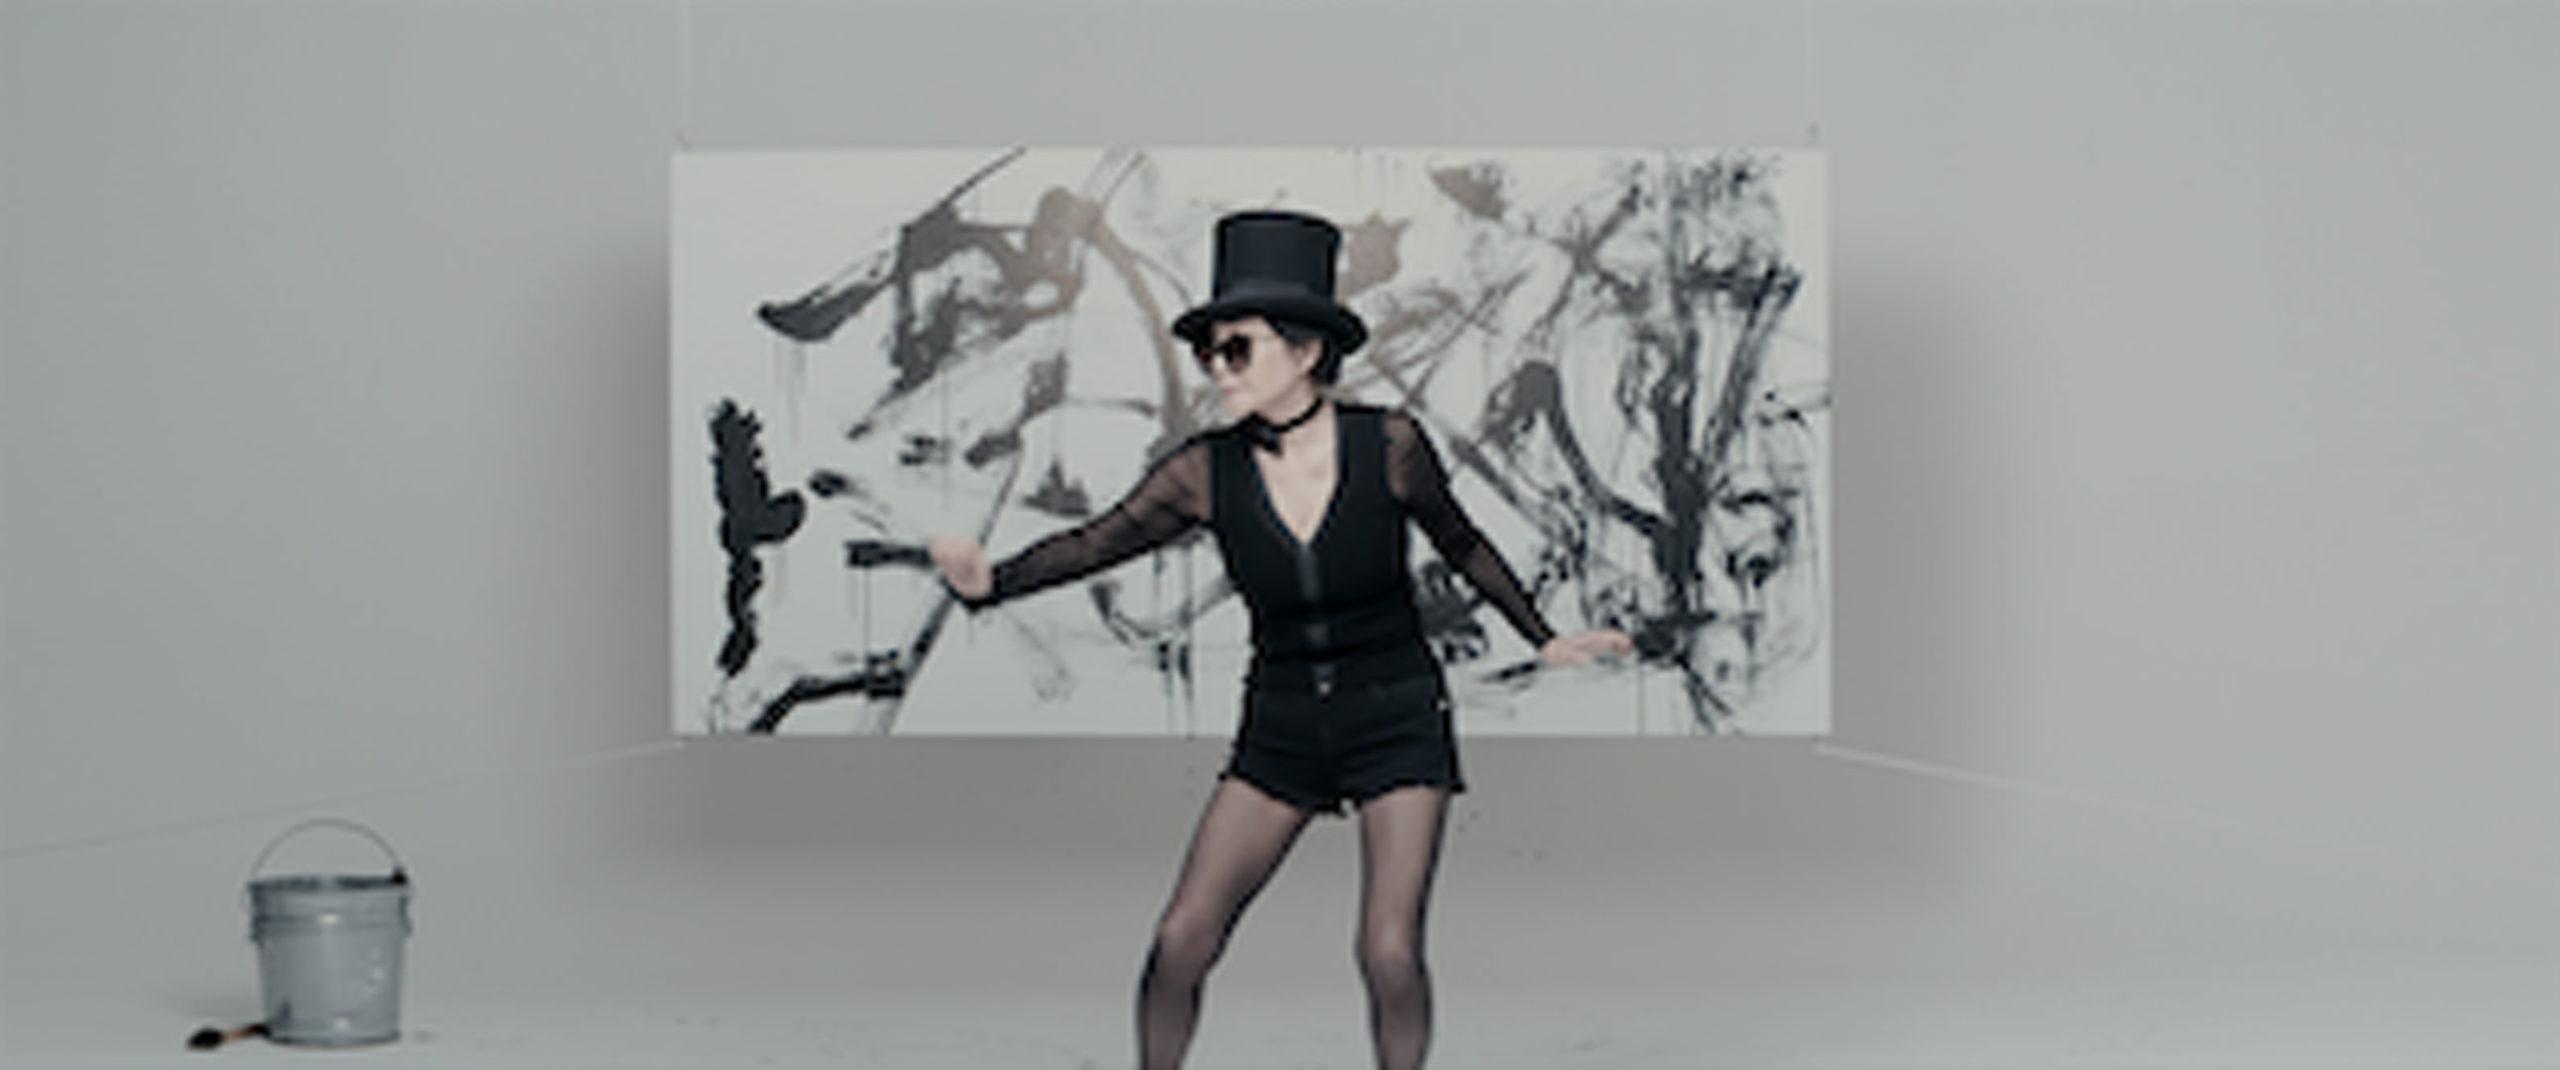 Yoko Ono, Bad Dancer, 2013, directed by Ben Dickinson